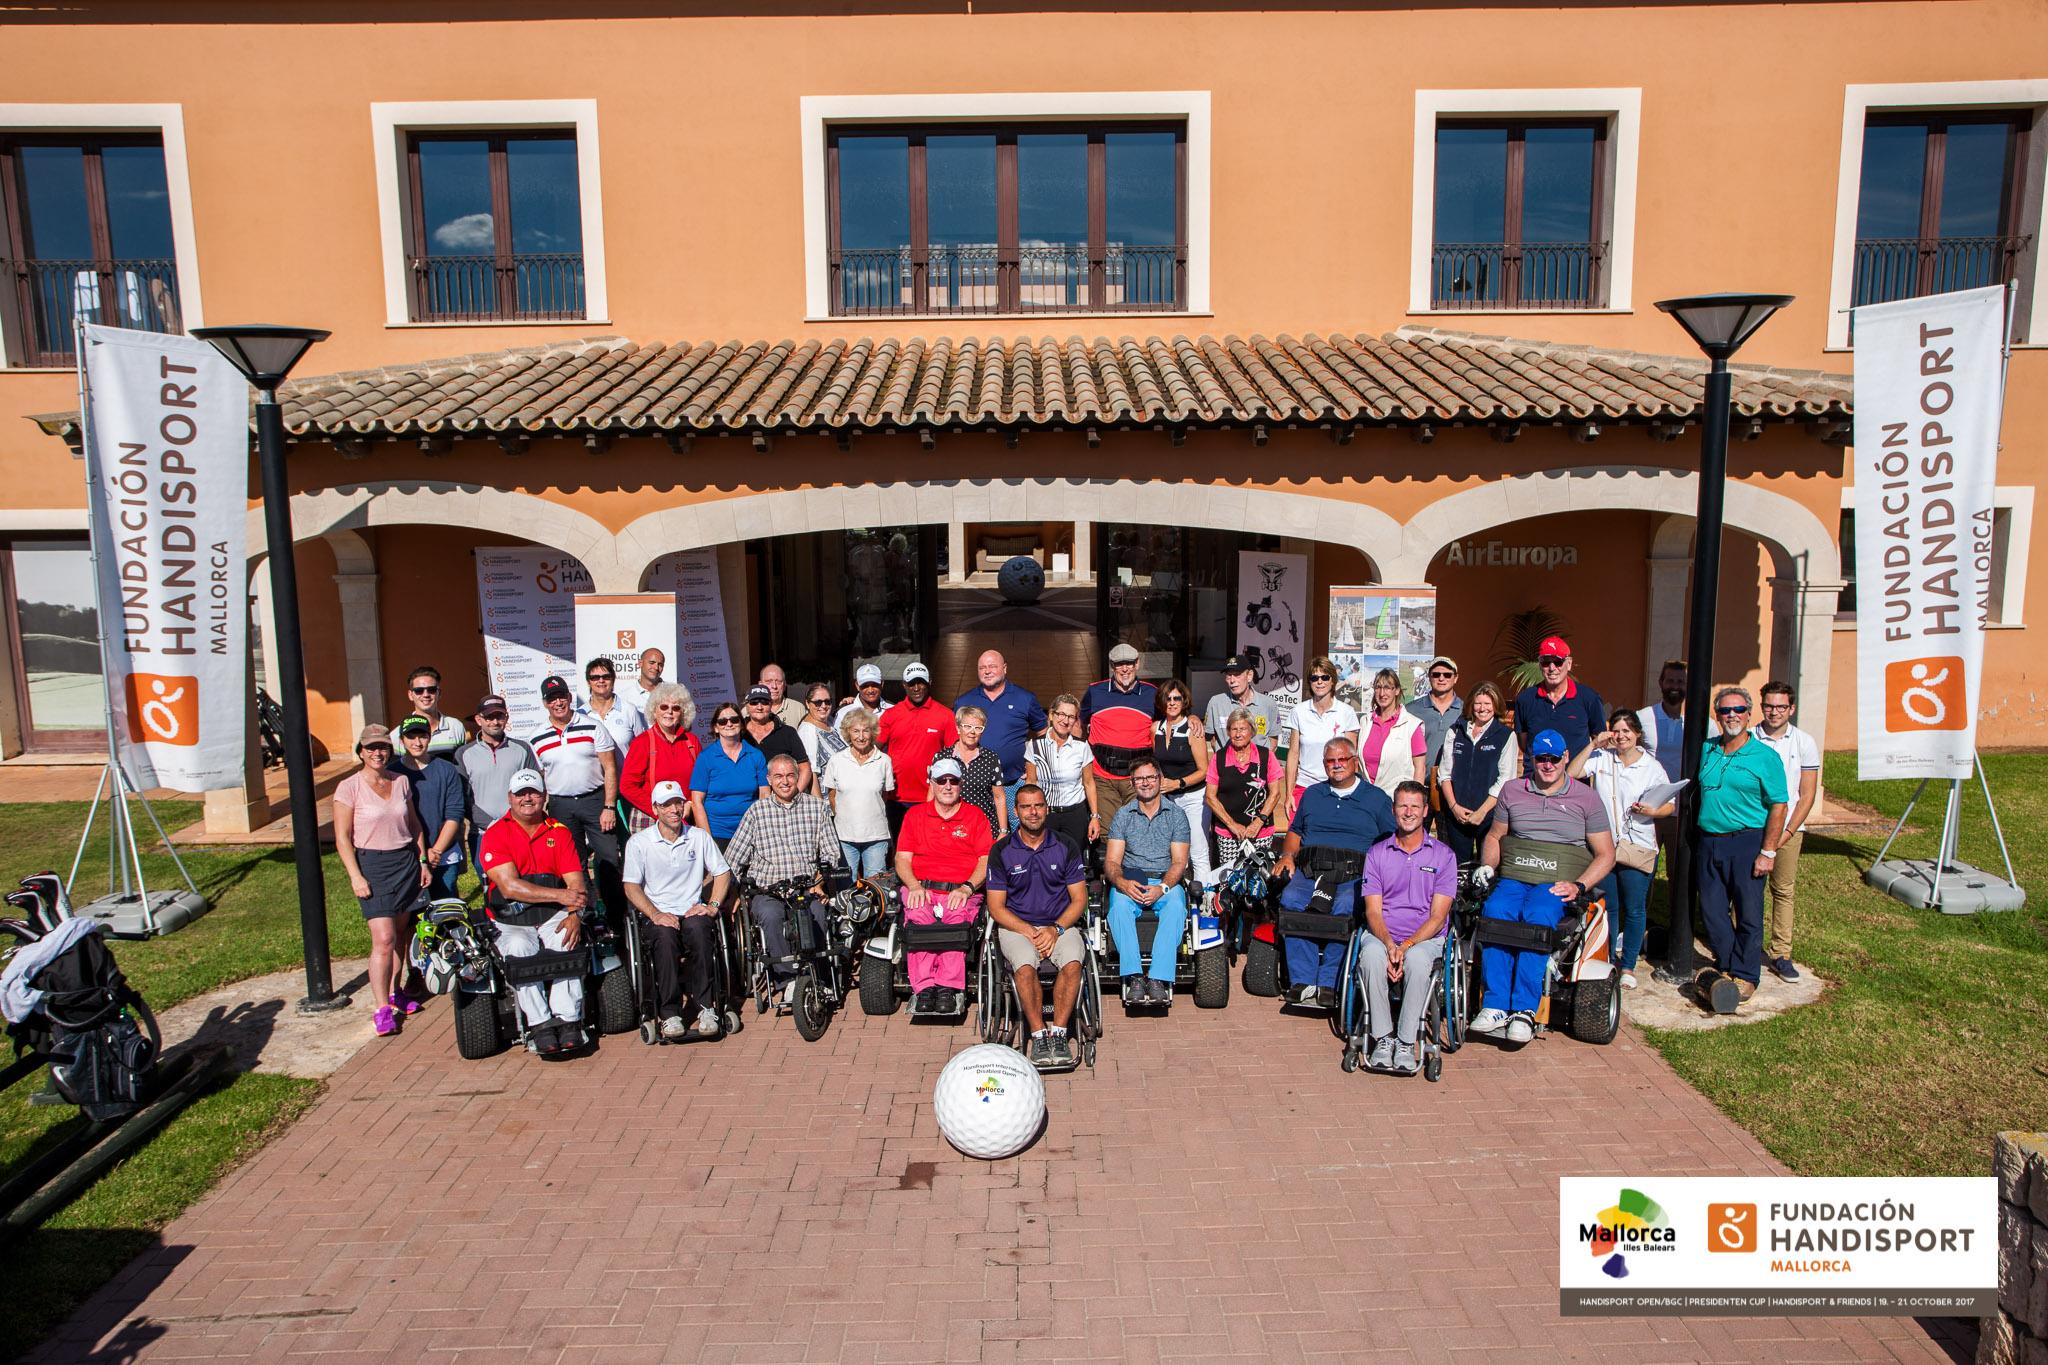 PBT unterstützt die BGC / Handisport Mallorca Open